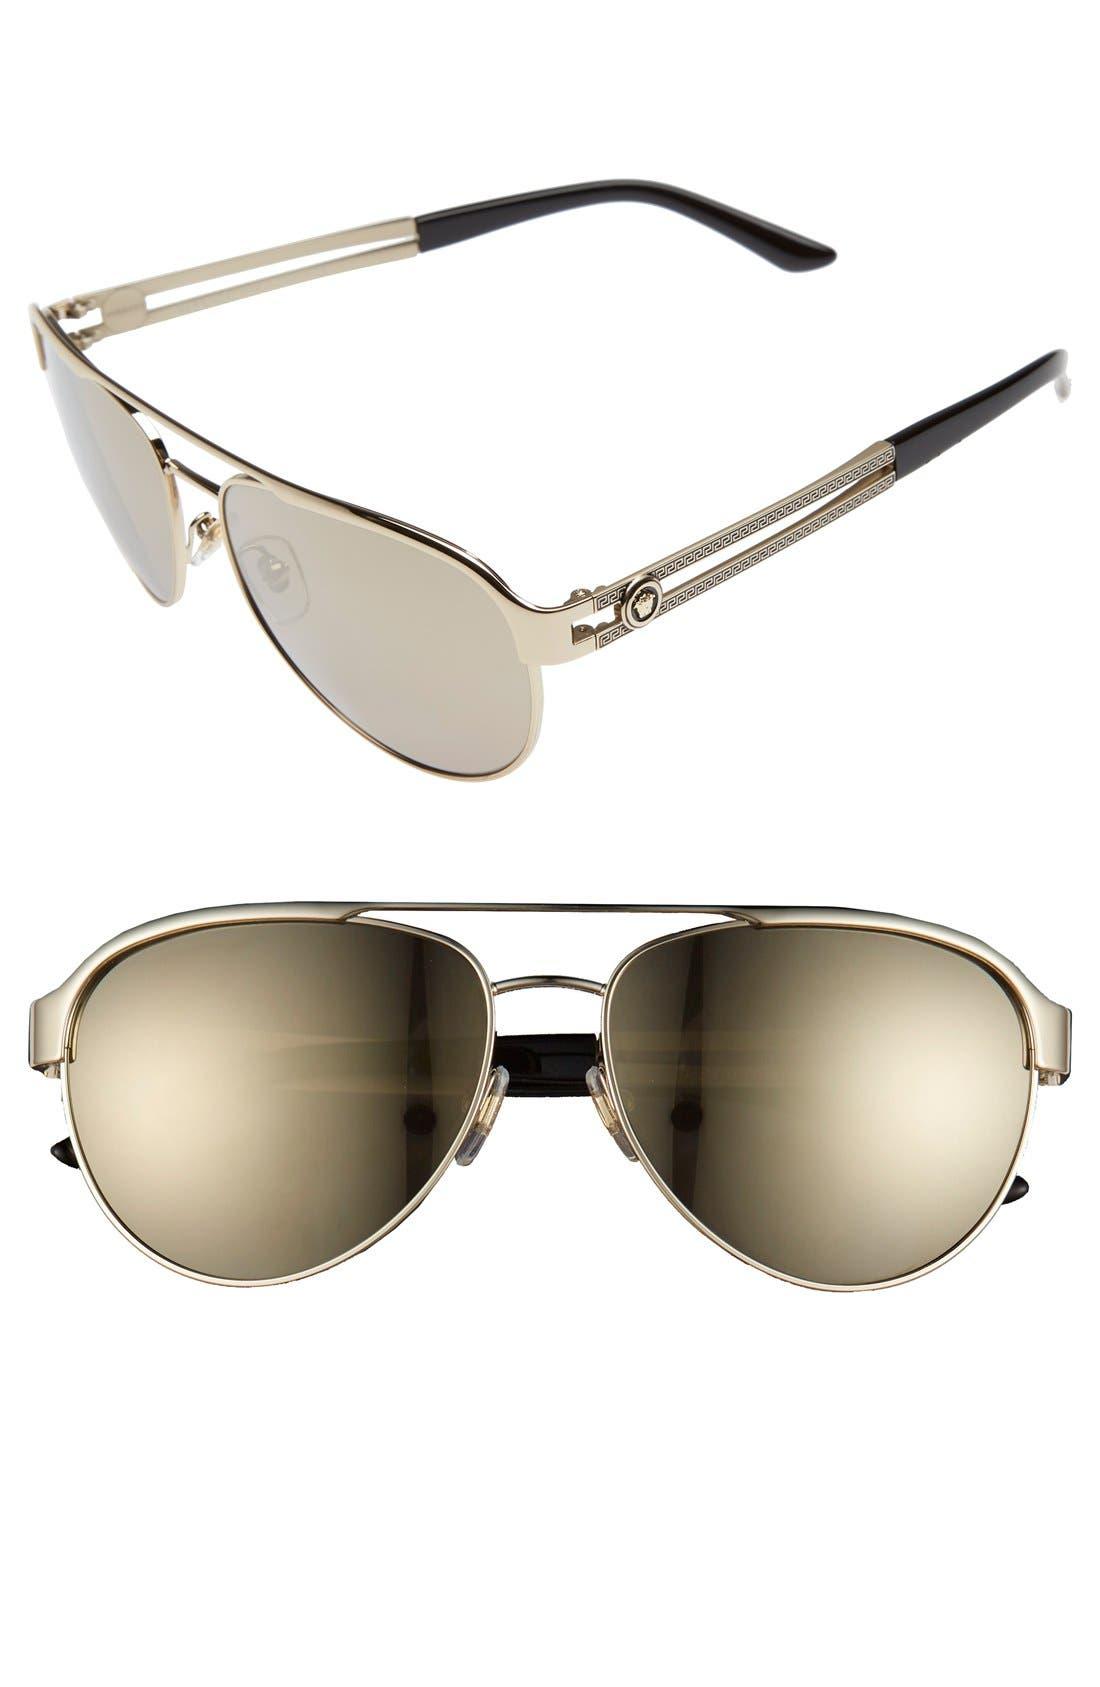 8659d56361aa Women s Versace 58Mm Aviator Sunglasses - Pale Gold